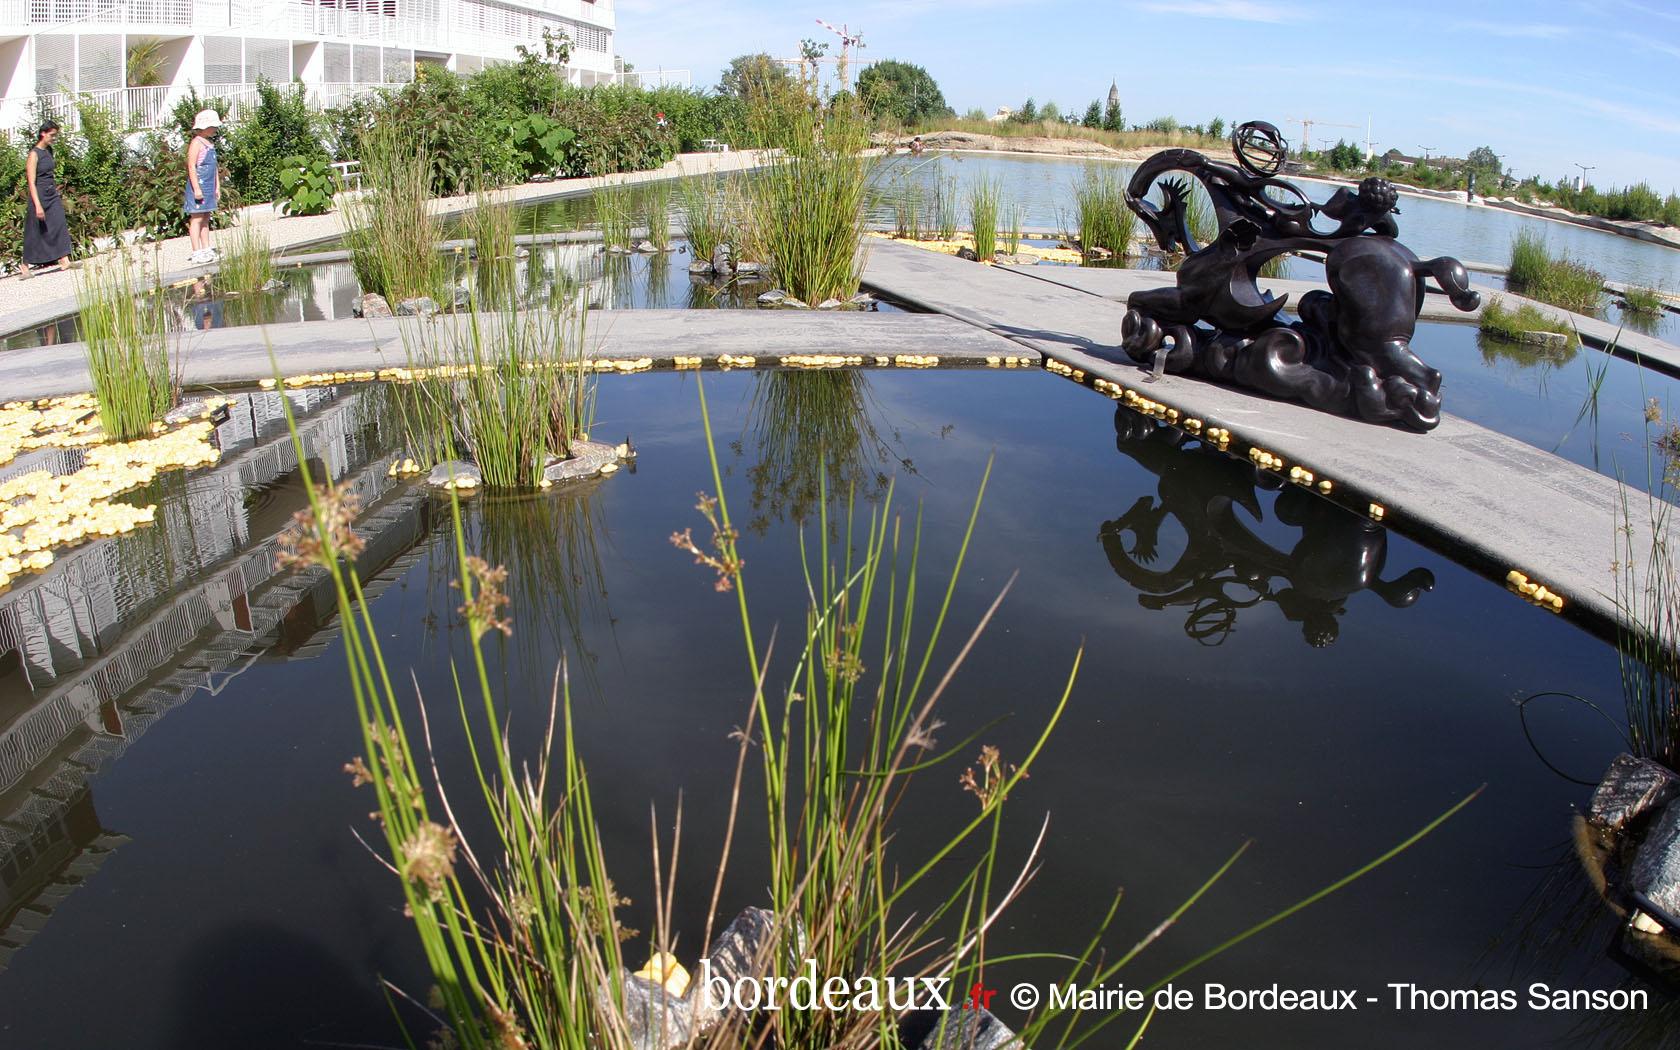 Jardin botanique 1680x1050 bordeaux for Appartement bordeaux jardin botanique